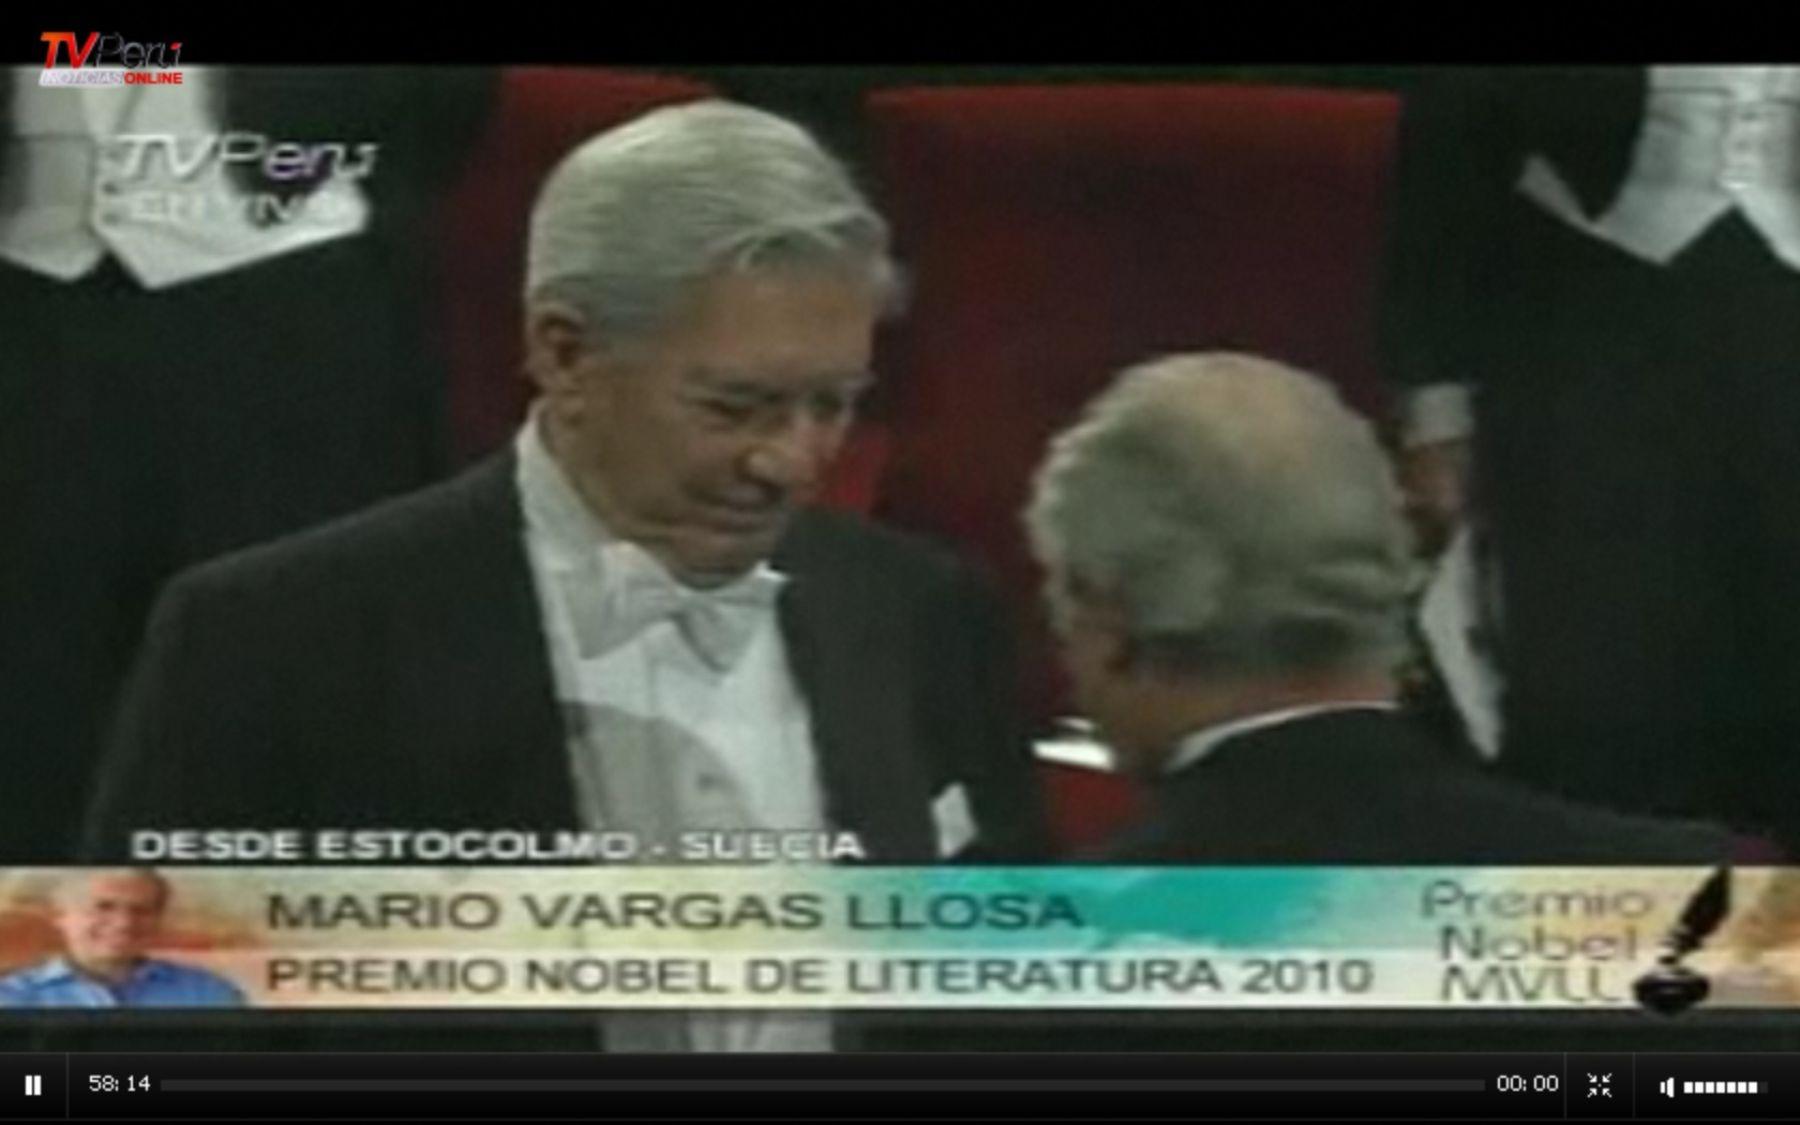 Mario Vargas Llosa recibe Premio Nobel de Literatura.Foto: INTERNET/Medios